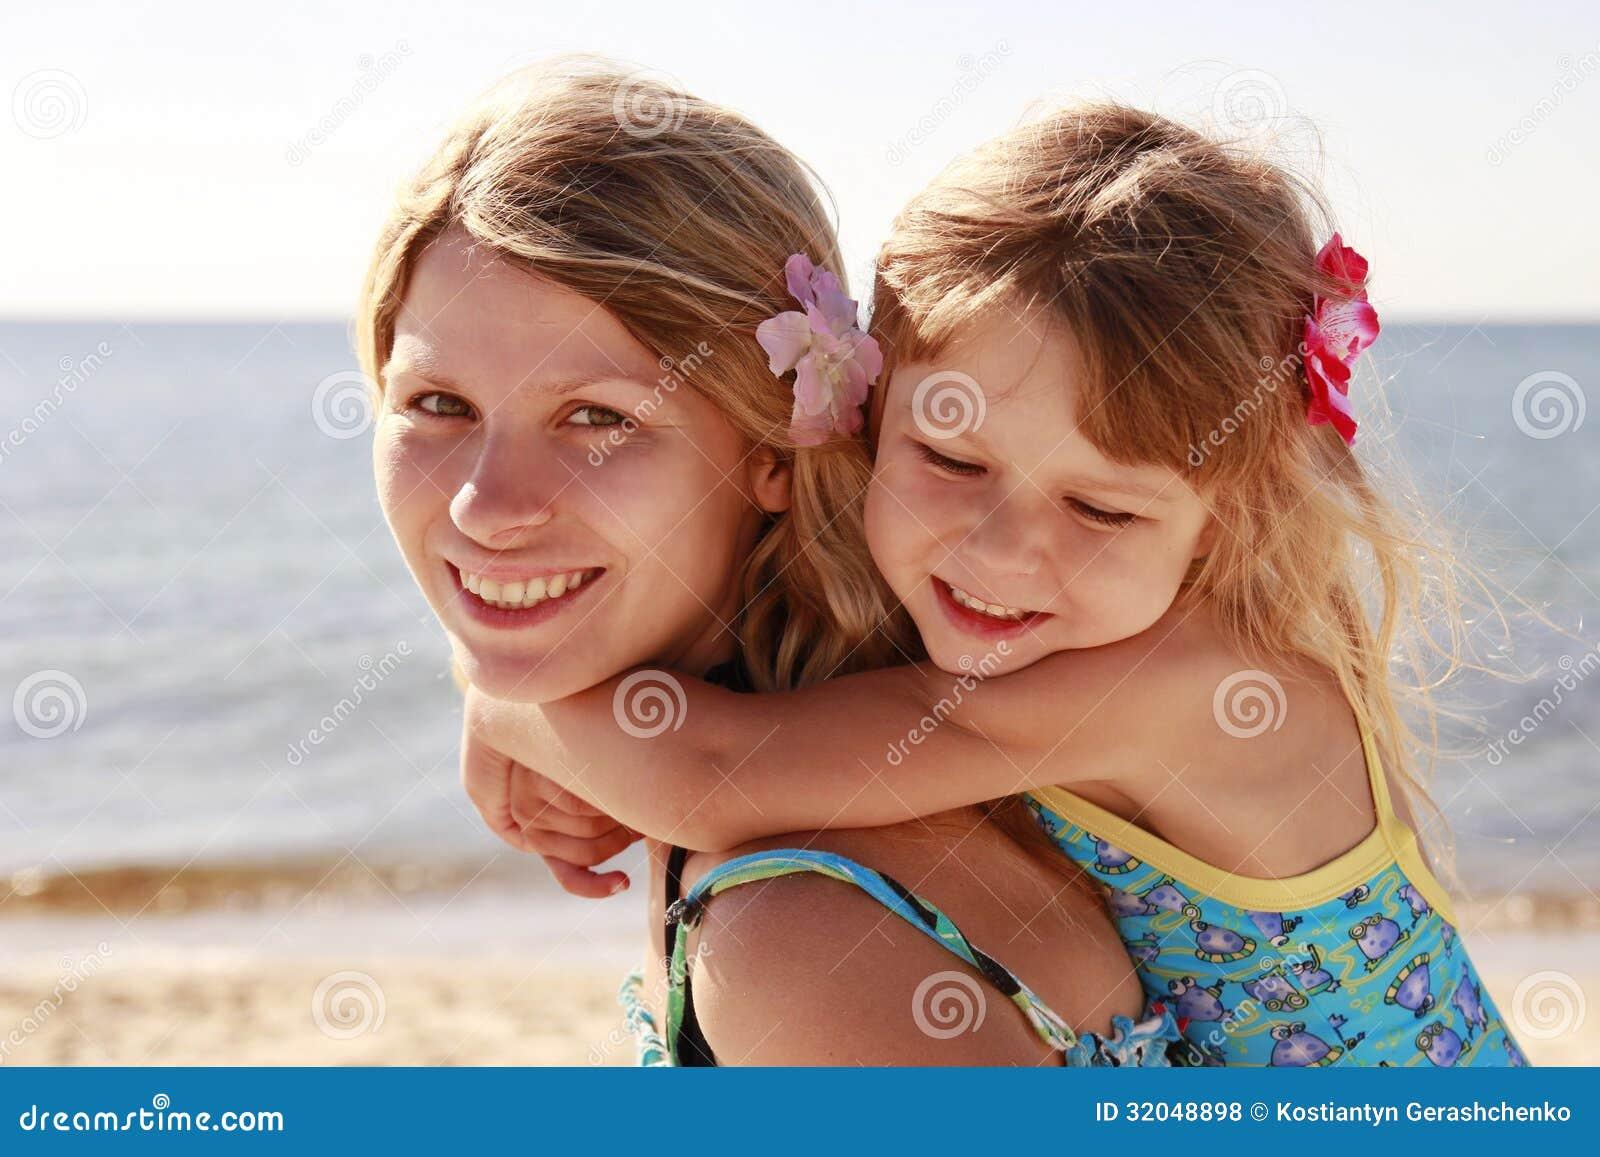 maman et sa petite fille sur la plage photo stock image. Black Bedroom Furniture Sets. Home Design Ideas